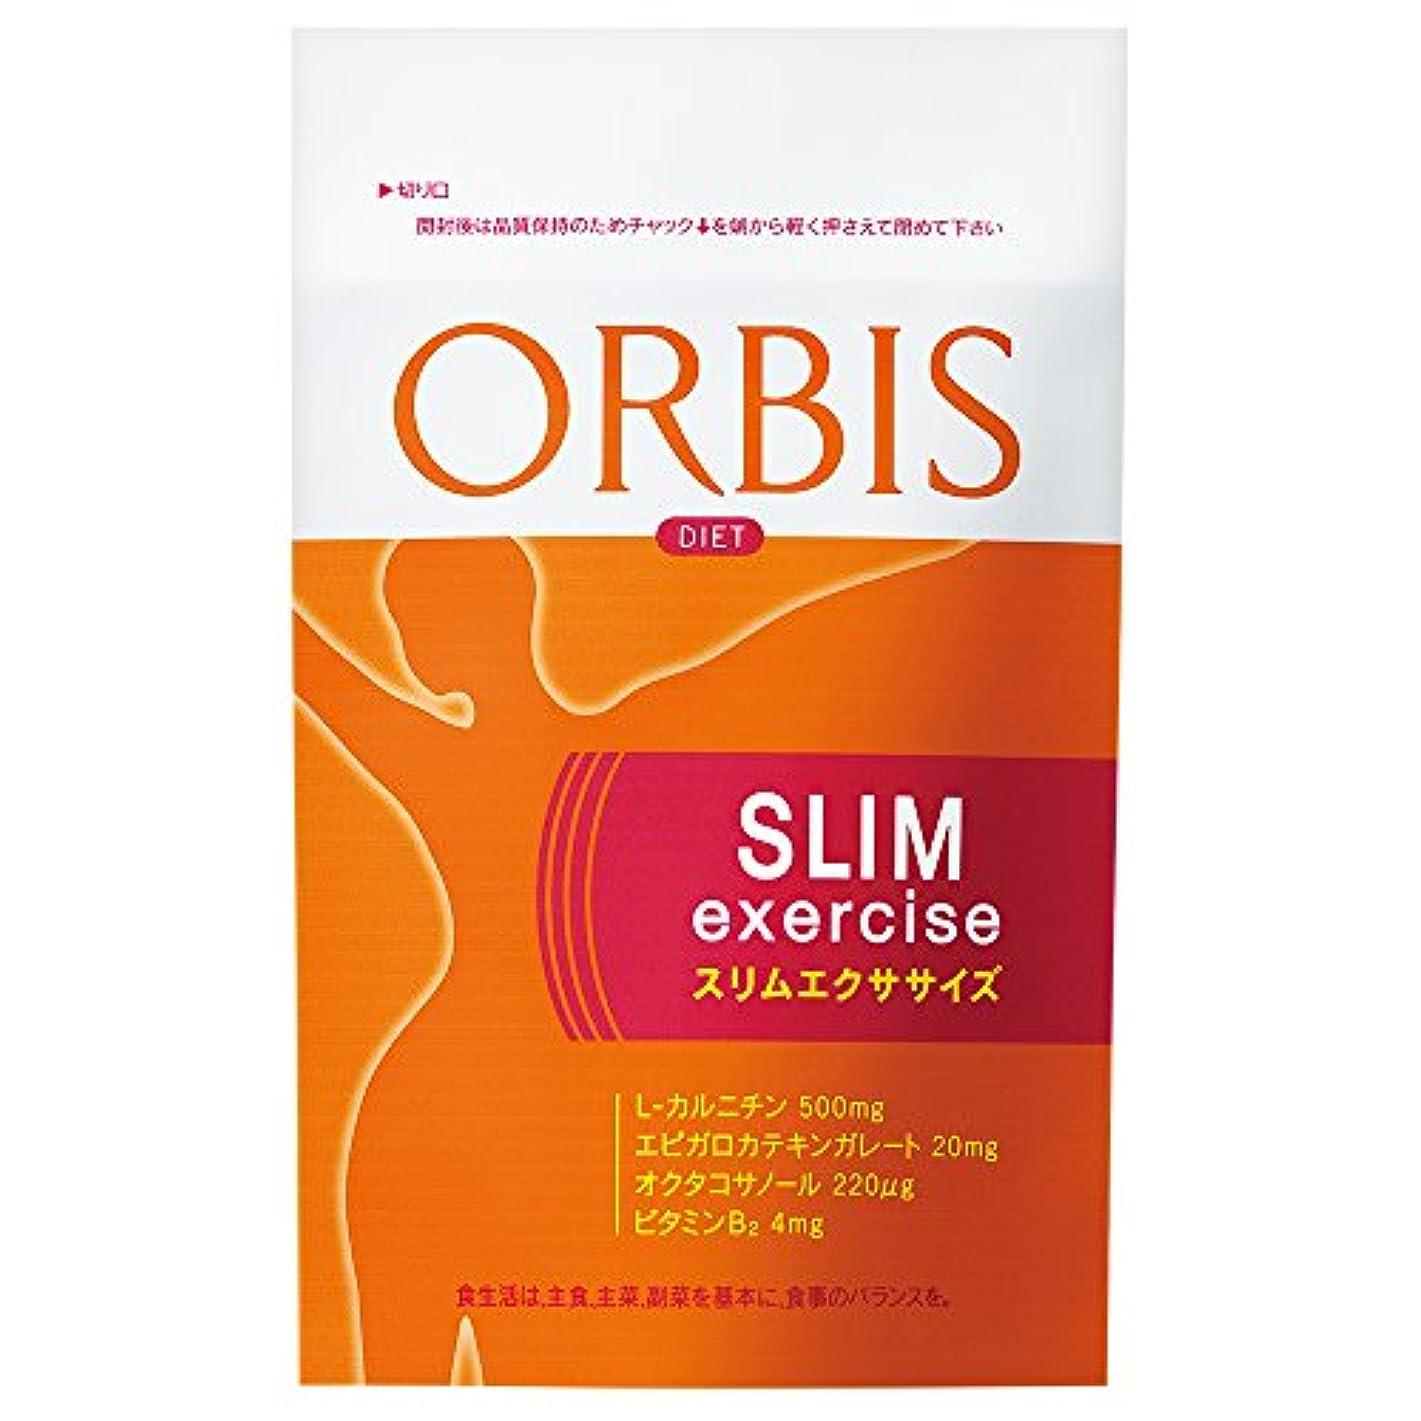 改革歌手寄付するオルビス(ORBIS) スリムエクササイズ 30日分(330mg×120粒) ◎ダイエットサプリメント◎